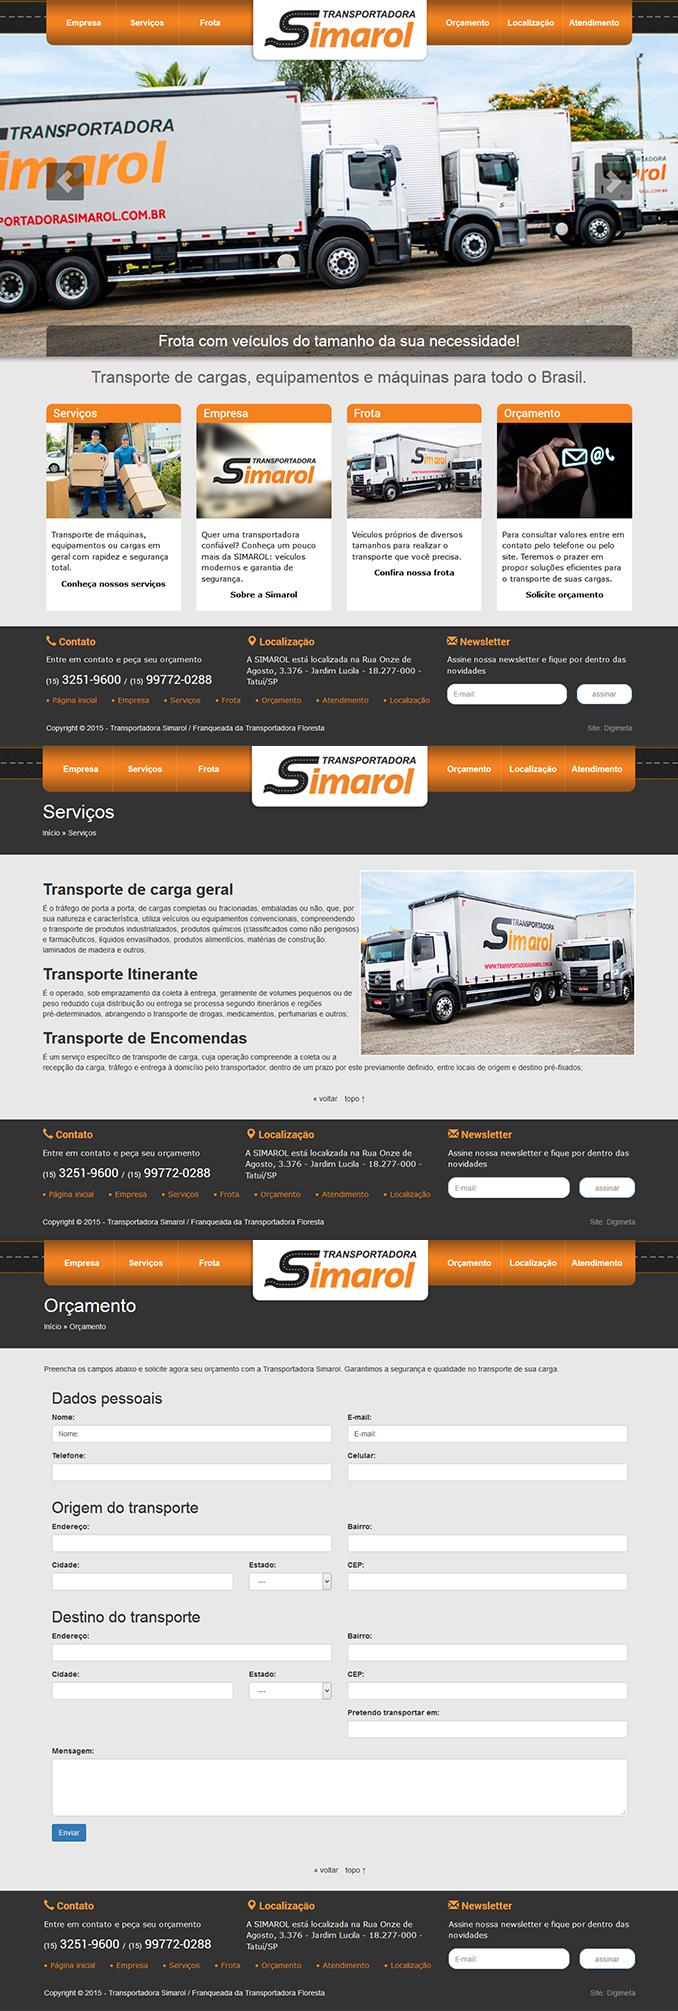 Transportadora Simarol